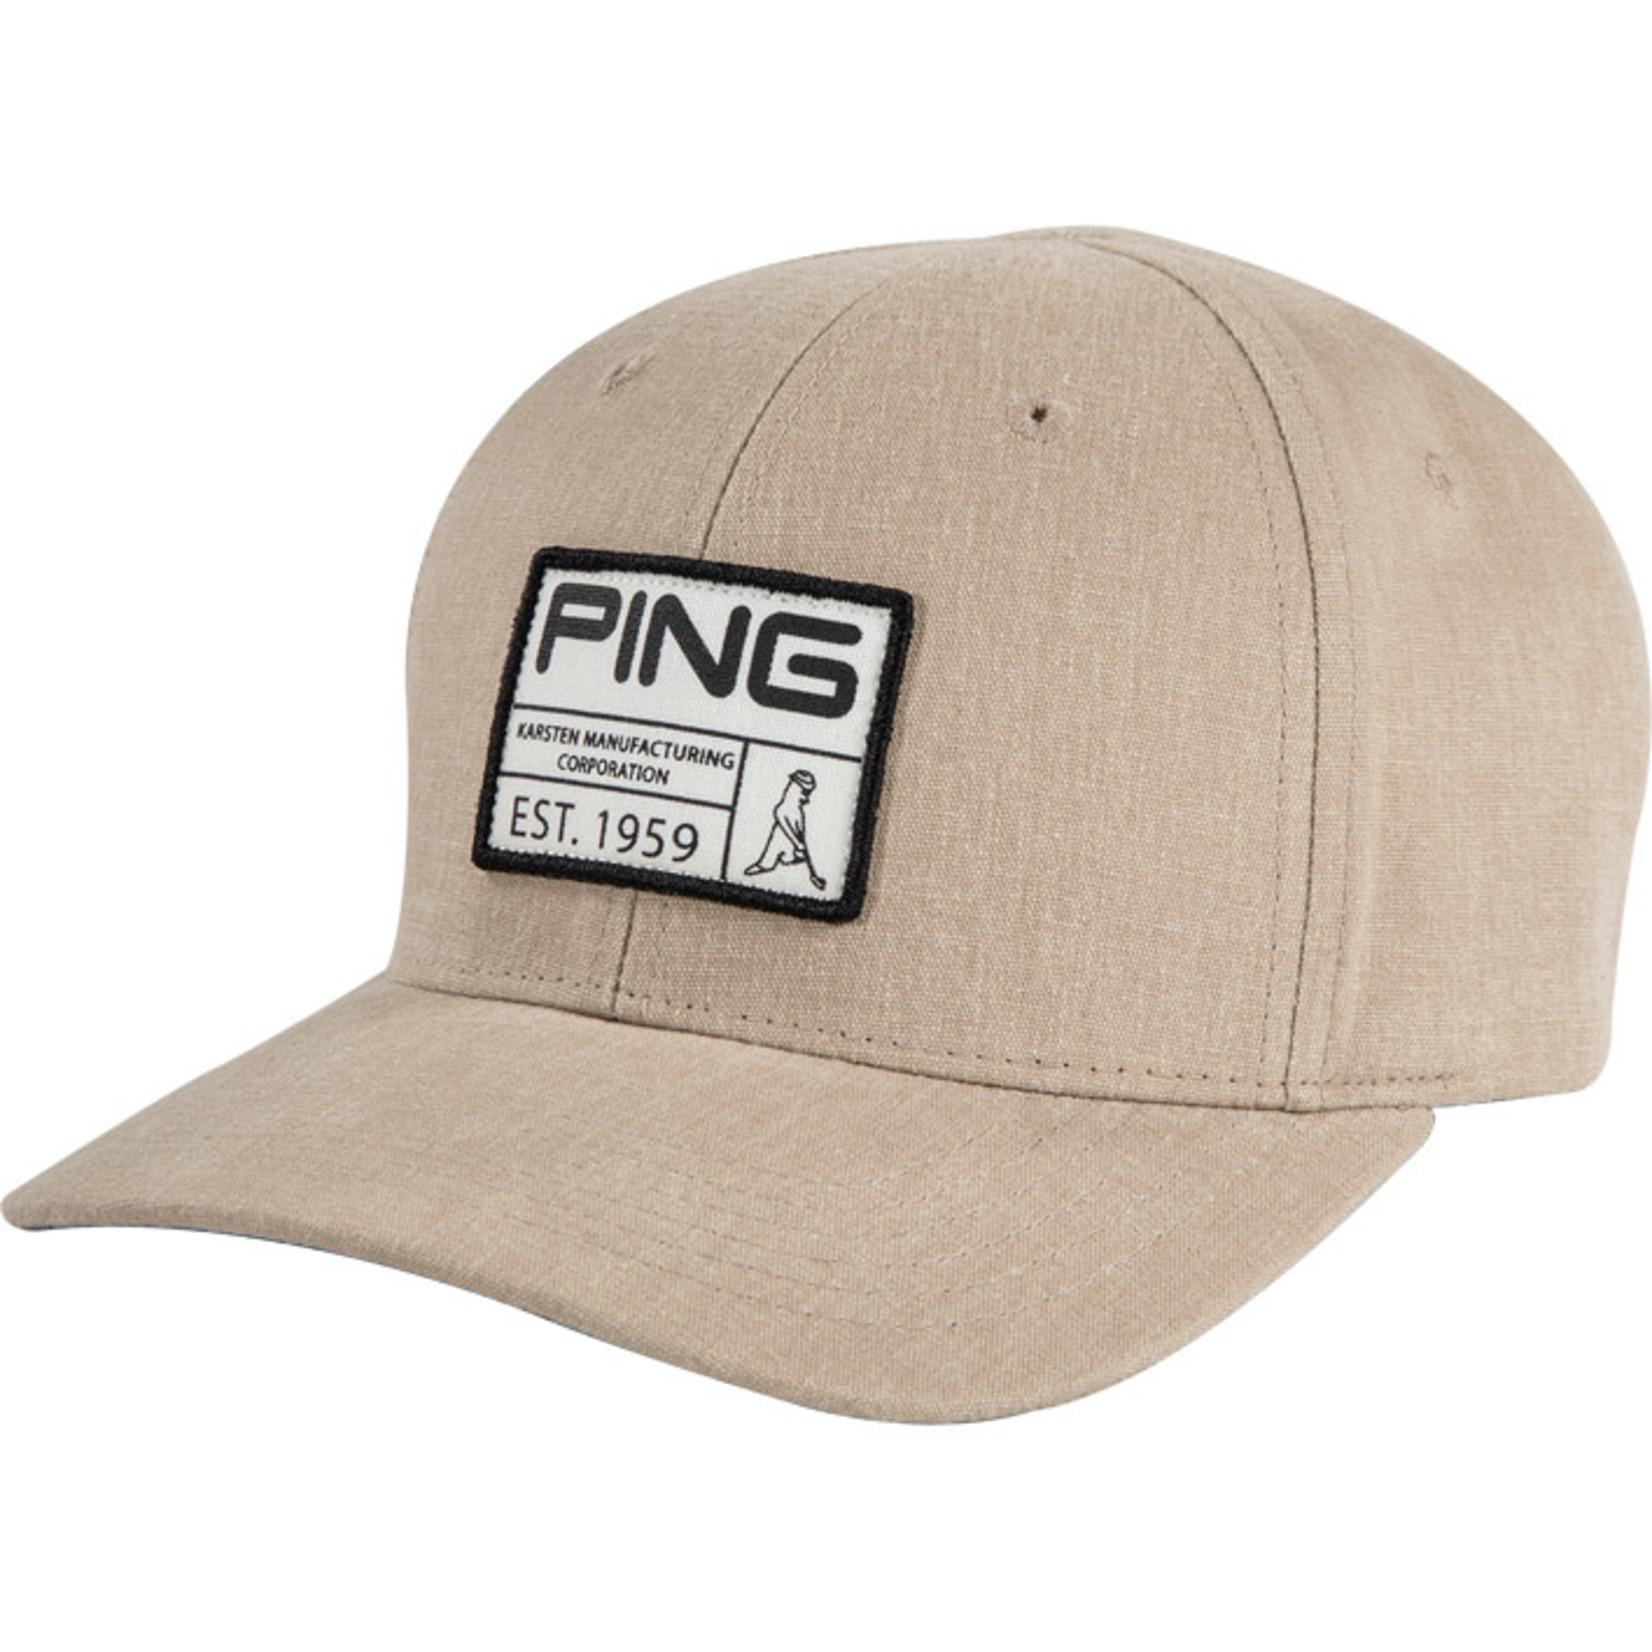 Ping Ping Vintage Cap